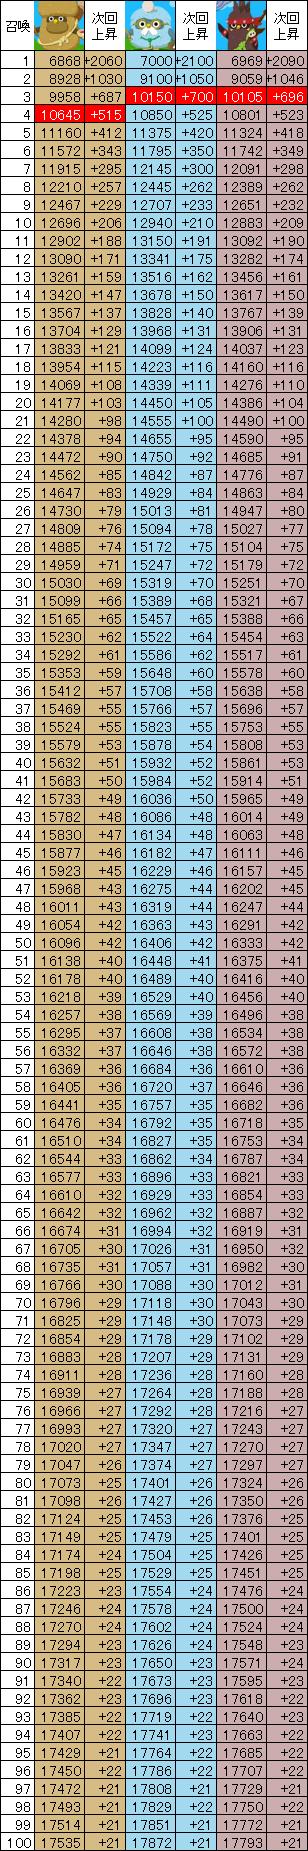 ボブオル、イシオル、ロックオルの召喚数ごとのパワー一覧